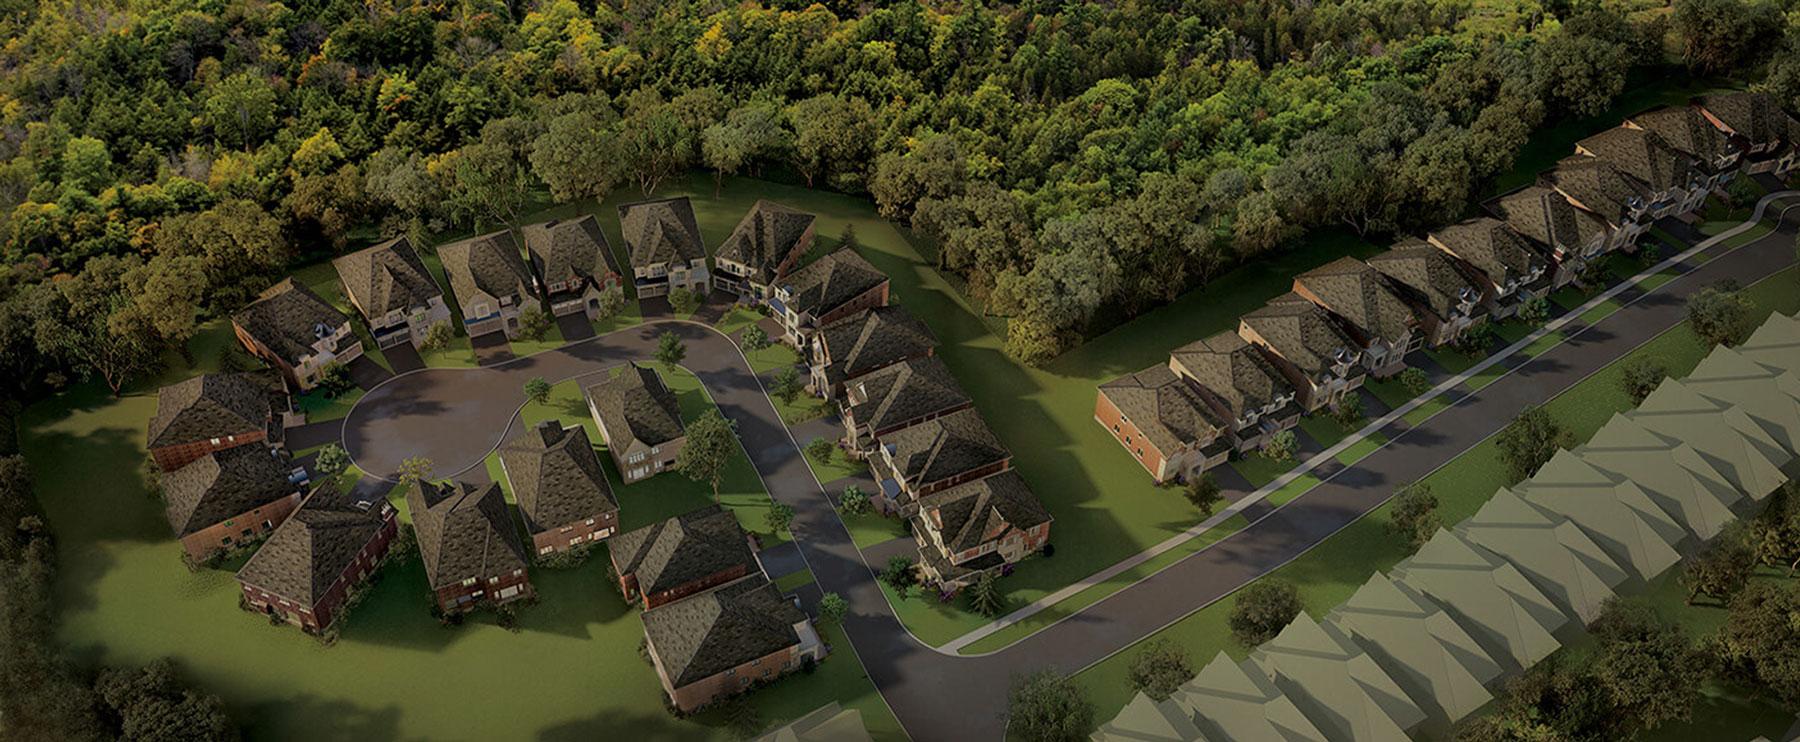 Neighbourhood of View in Vaughan 2